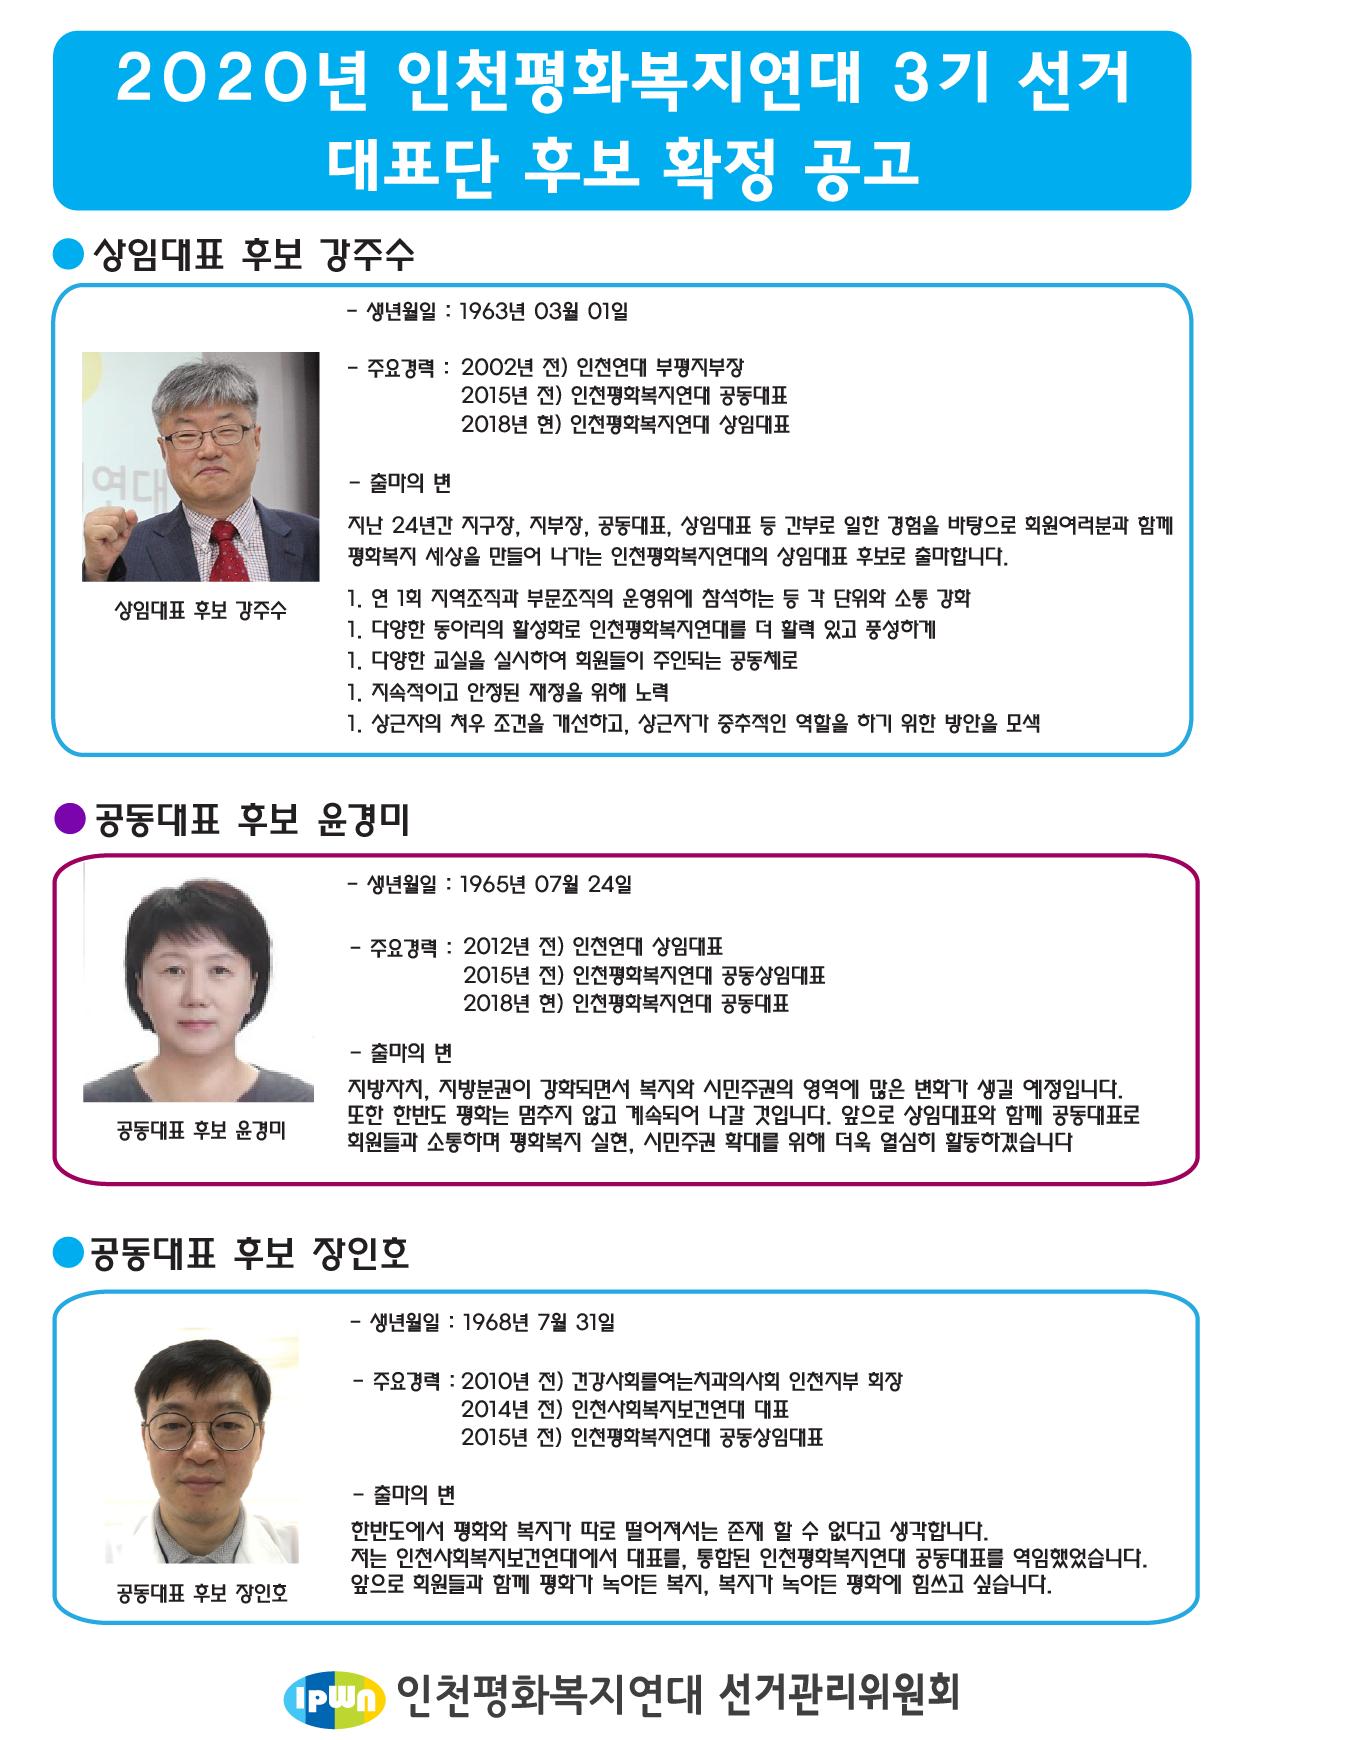 2020인천평화복지연대 대표단 후보 공고.png